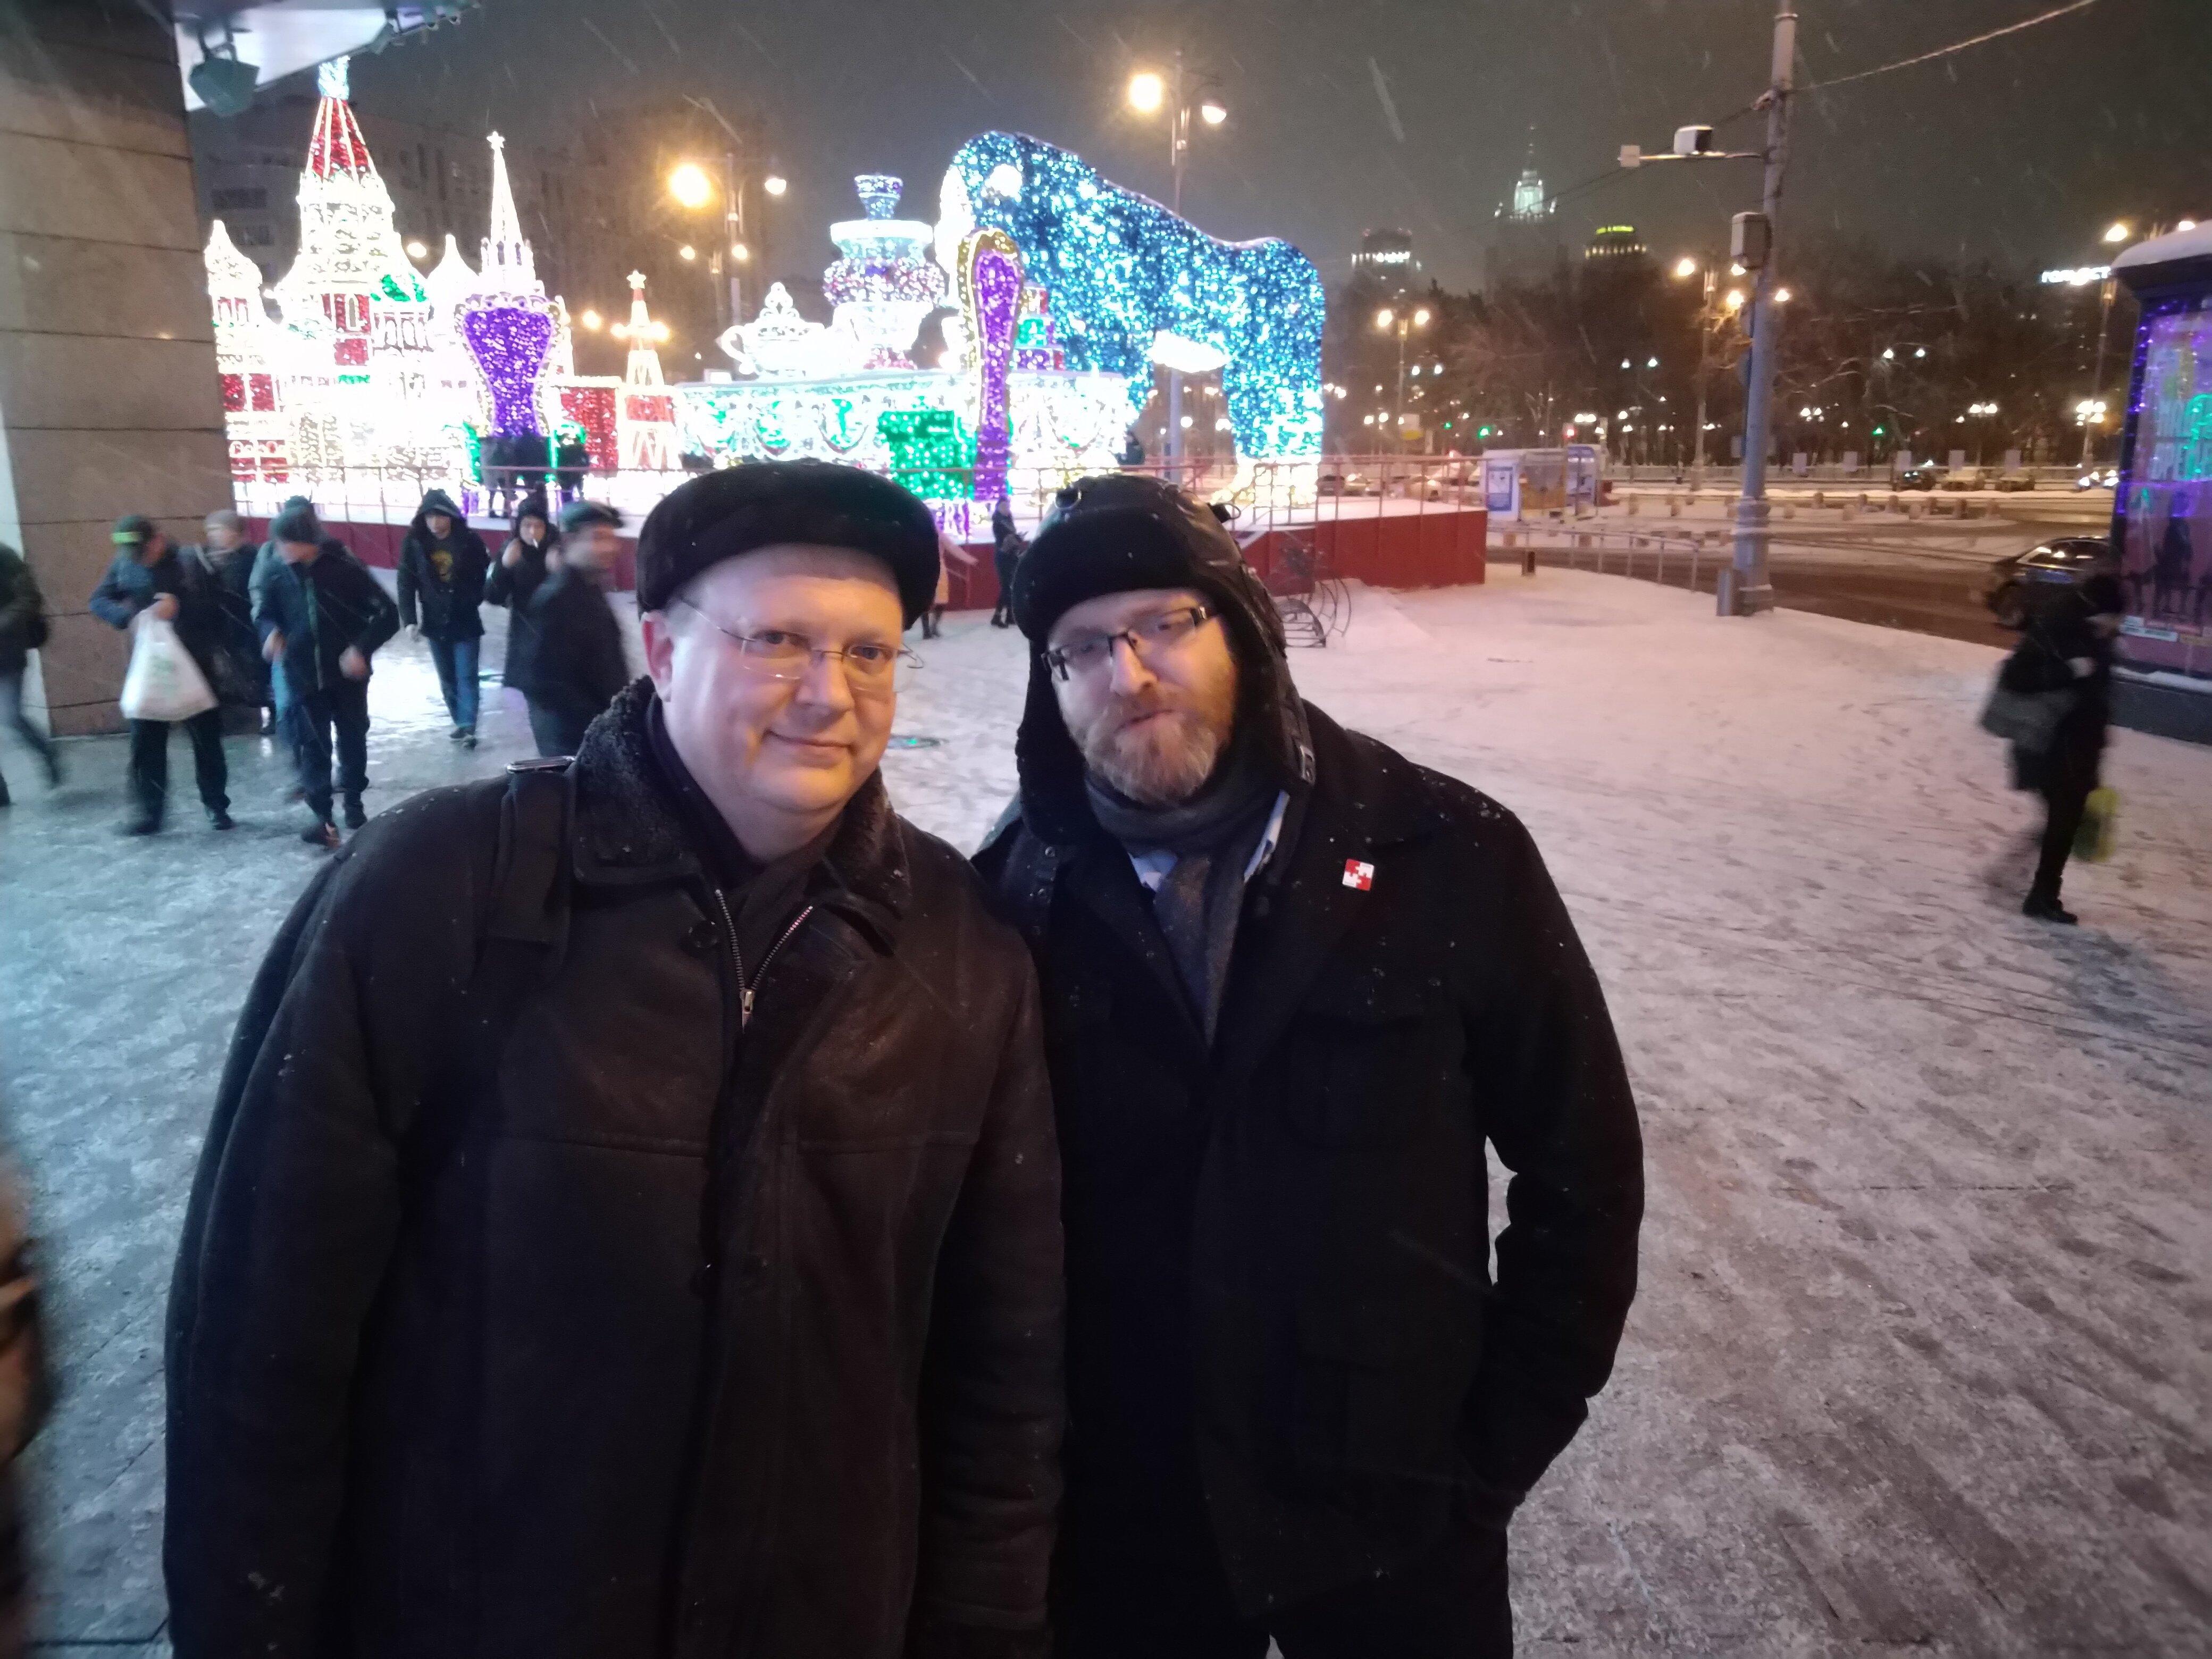 Polski reżyser Grzegorz Braun i rosyjski publicysta Leonid Swiridow. Grudzień 2018. Moskwa.